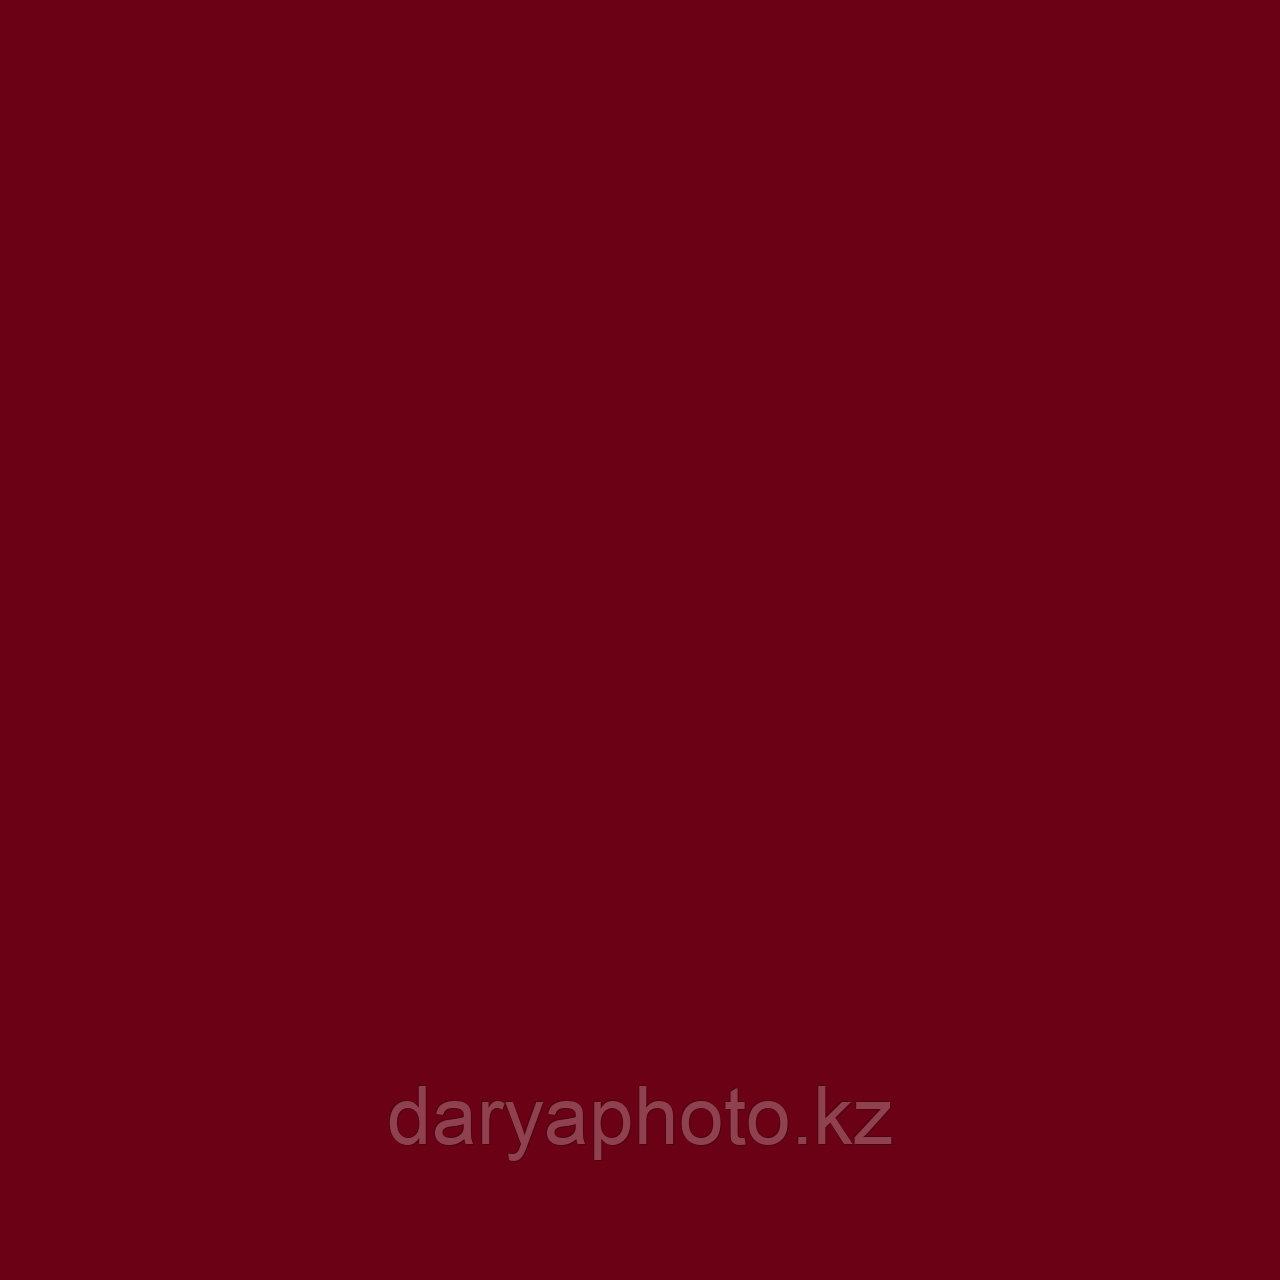 Бордовый Фон бумажный. Фотофон. Фон для фотостудии